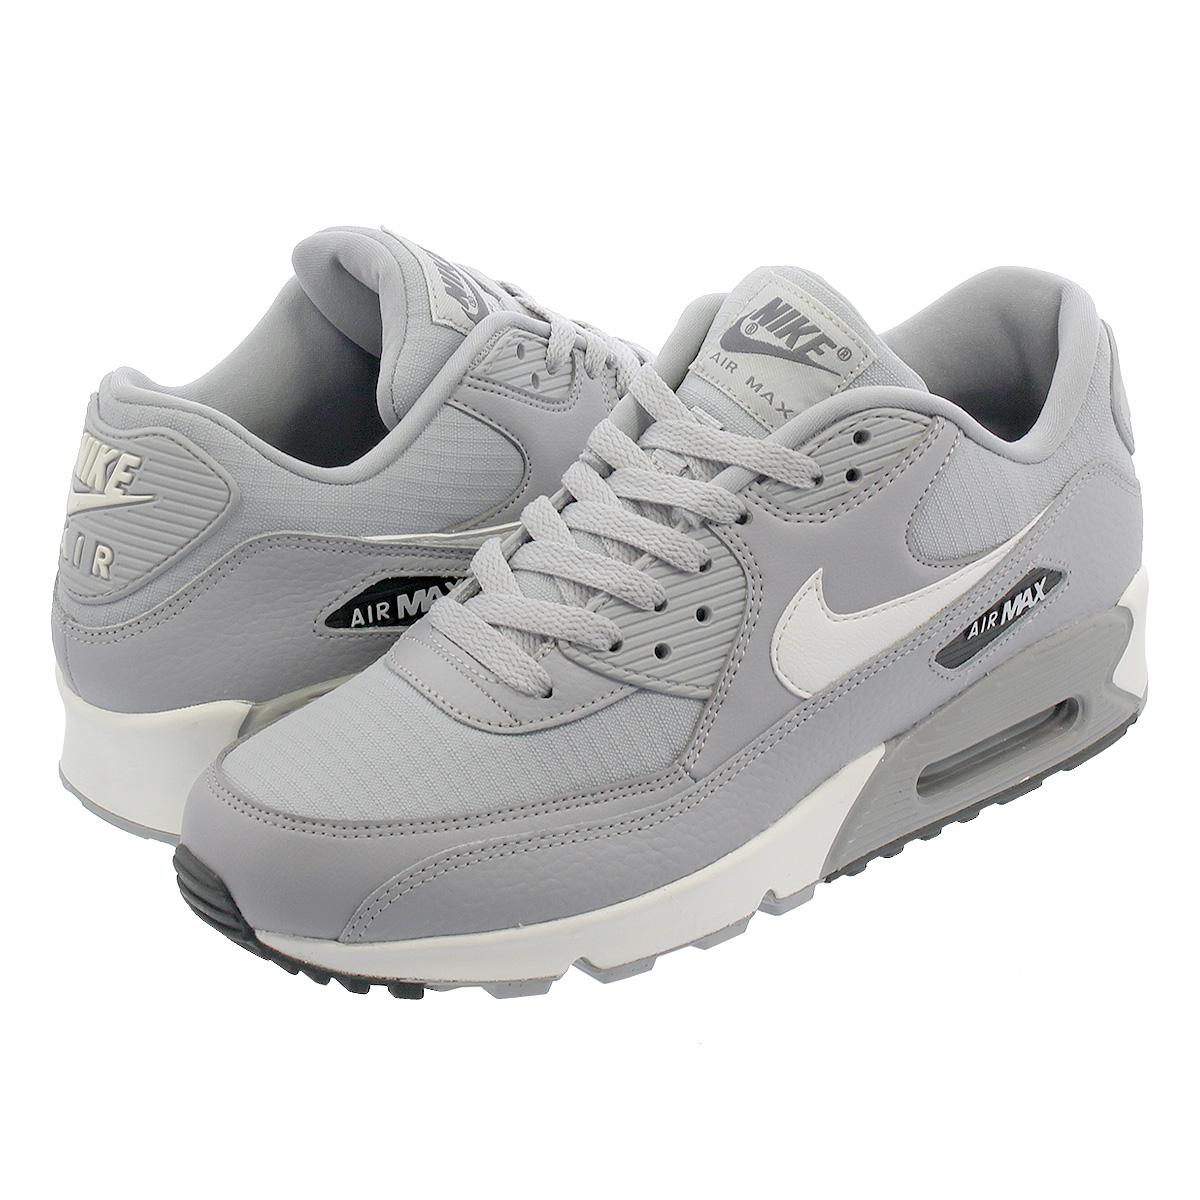 NIKE WMNS AIR MAX 90 Nike women Air Max 90 WOLF GREYSUMMIT WHITEDARK GREY 325,213 062